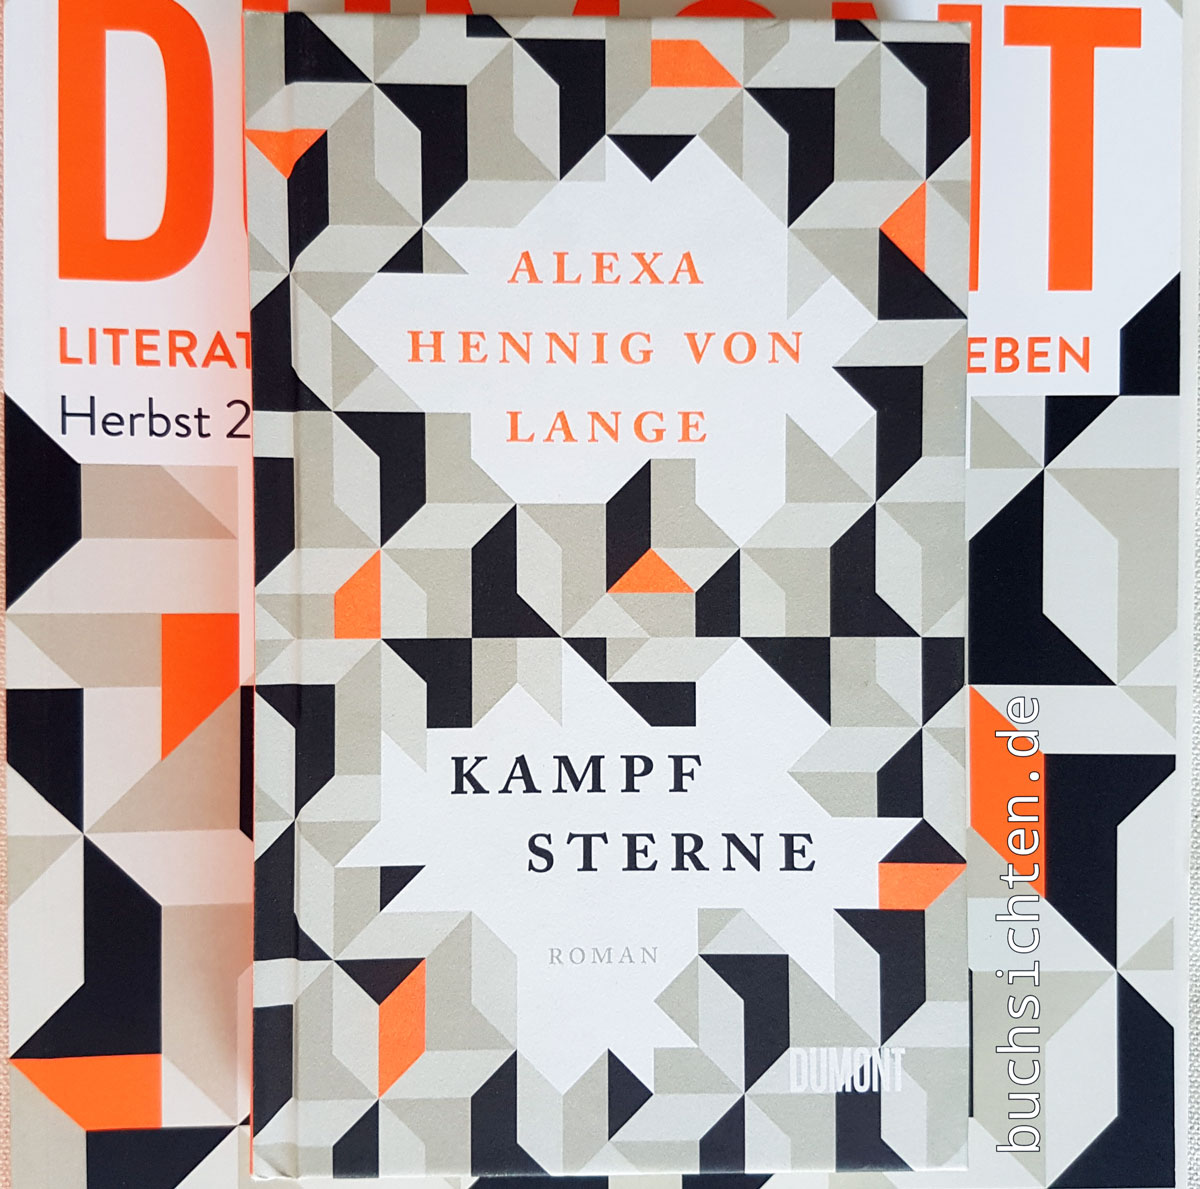 Buchsichten Rezension Ingrid Kampfsterne Von Alexa Hennig